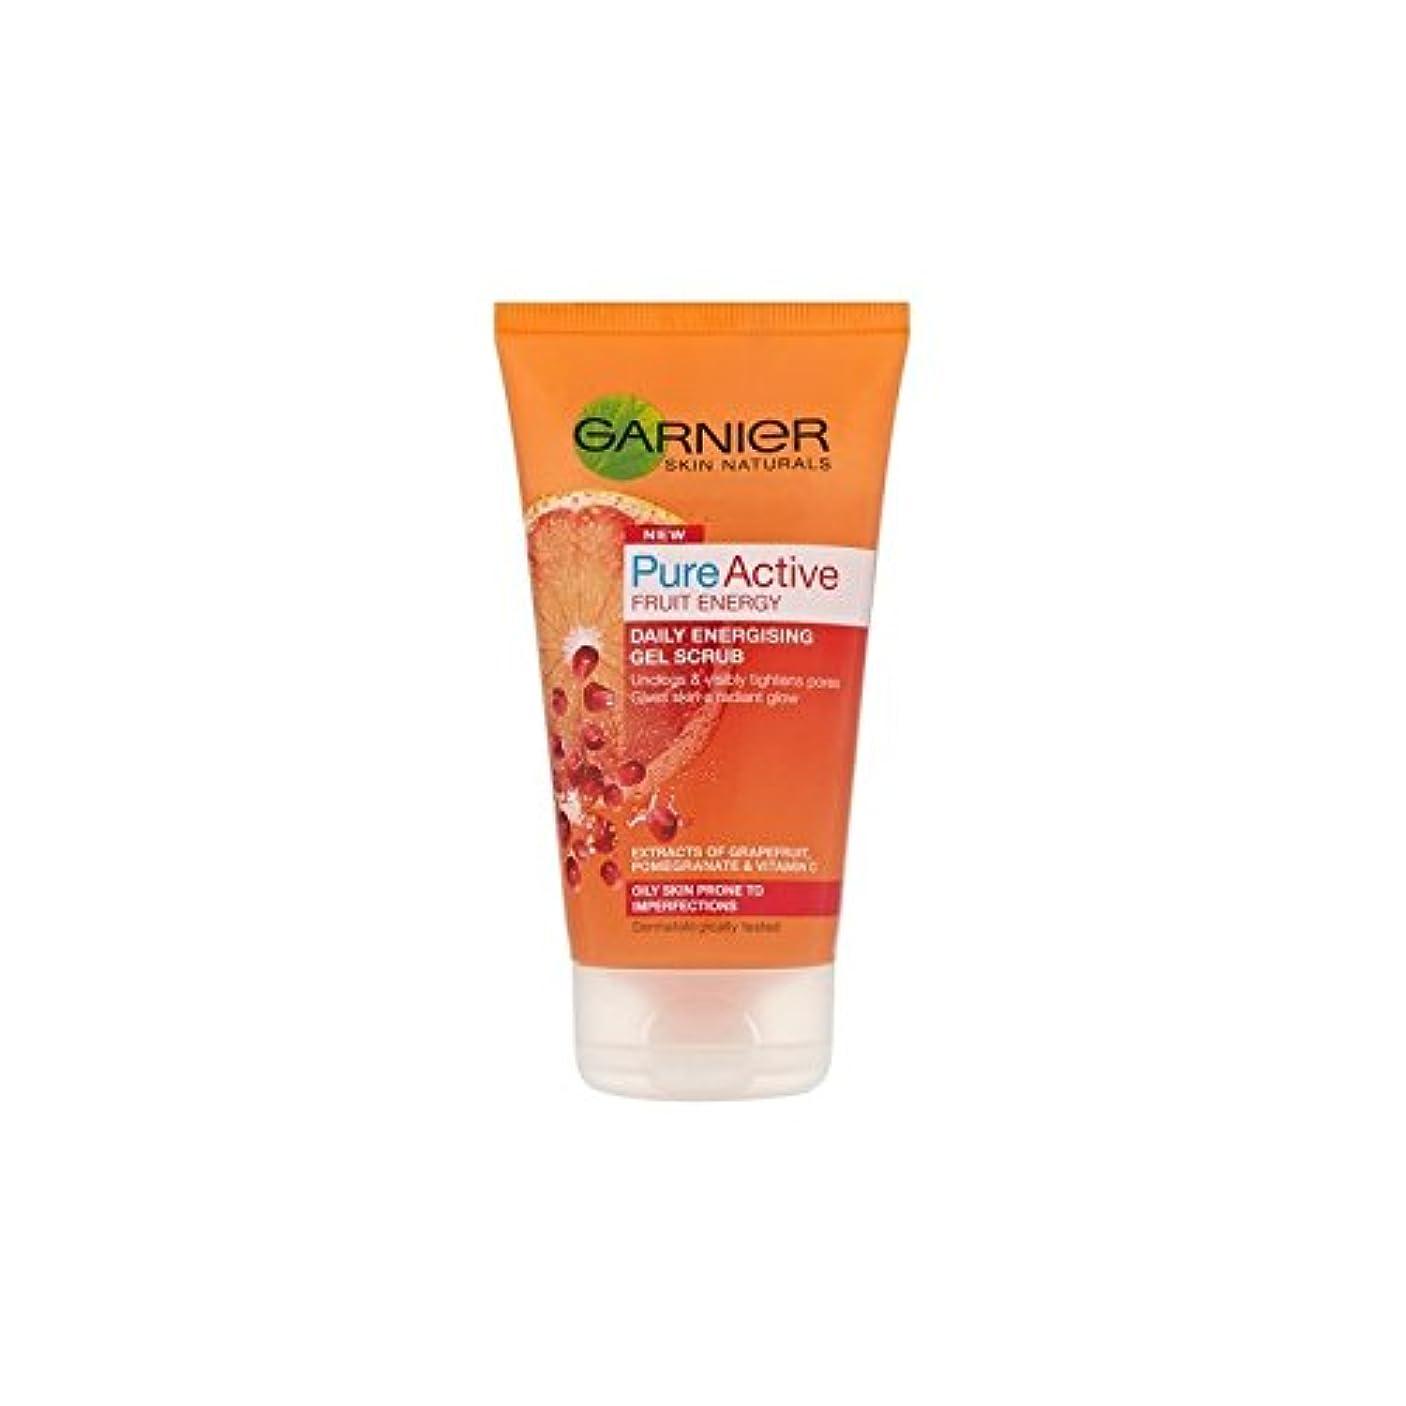 天国遠近法失敗Garnier Skin Naturals Pure Active Energising Gel Scrub (150ml) (Pack of 6) - 純粋な活性通電ゲルスクラブ(150ミリリットル)ガルニエ皮膚ナチュラル x6 [並行輸入品]